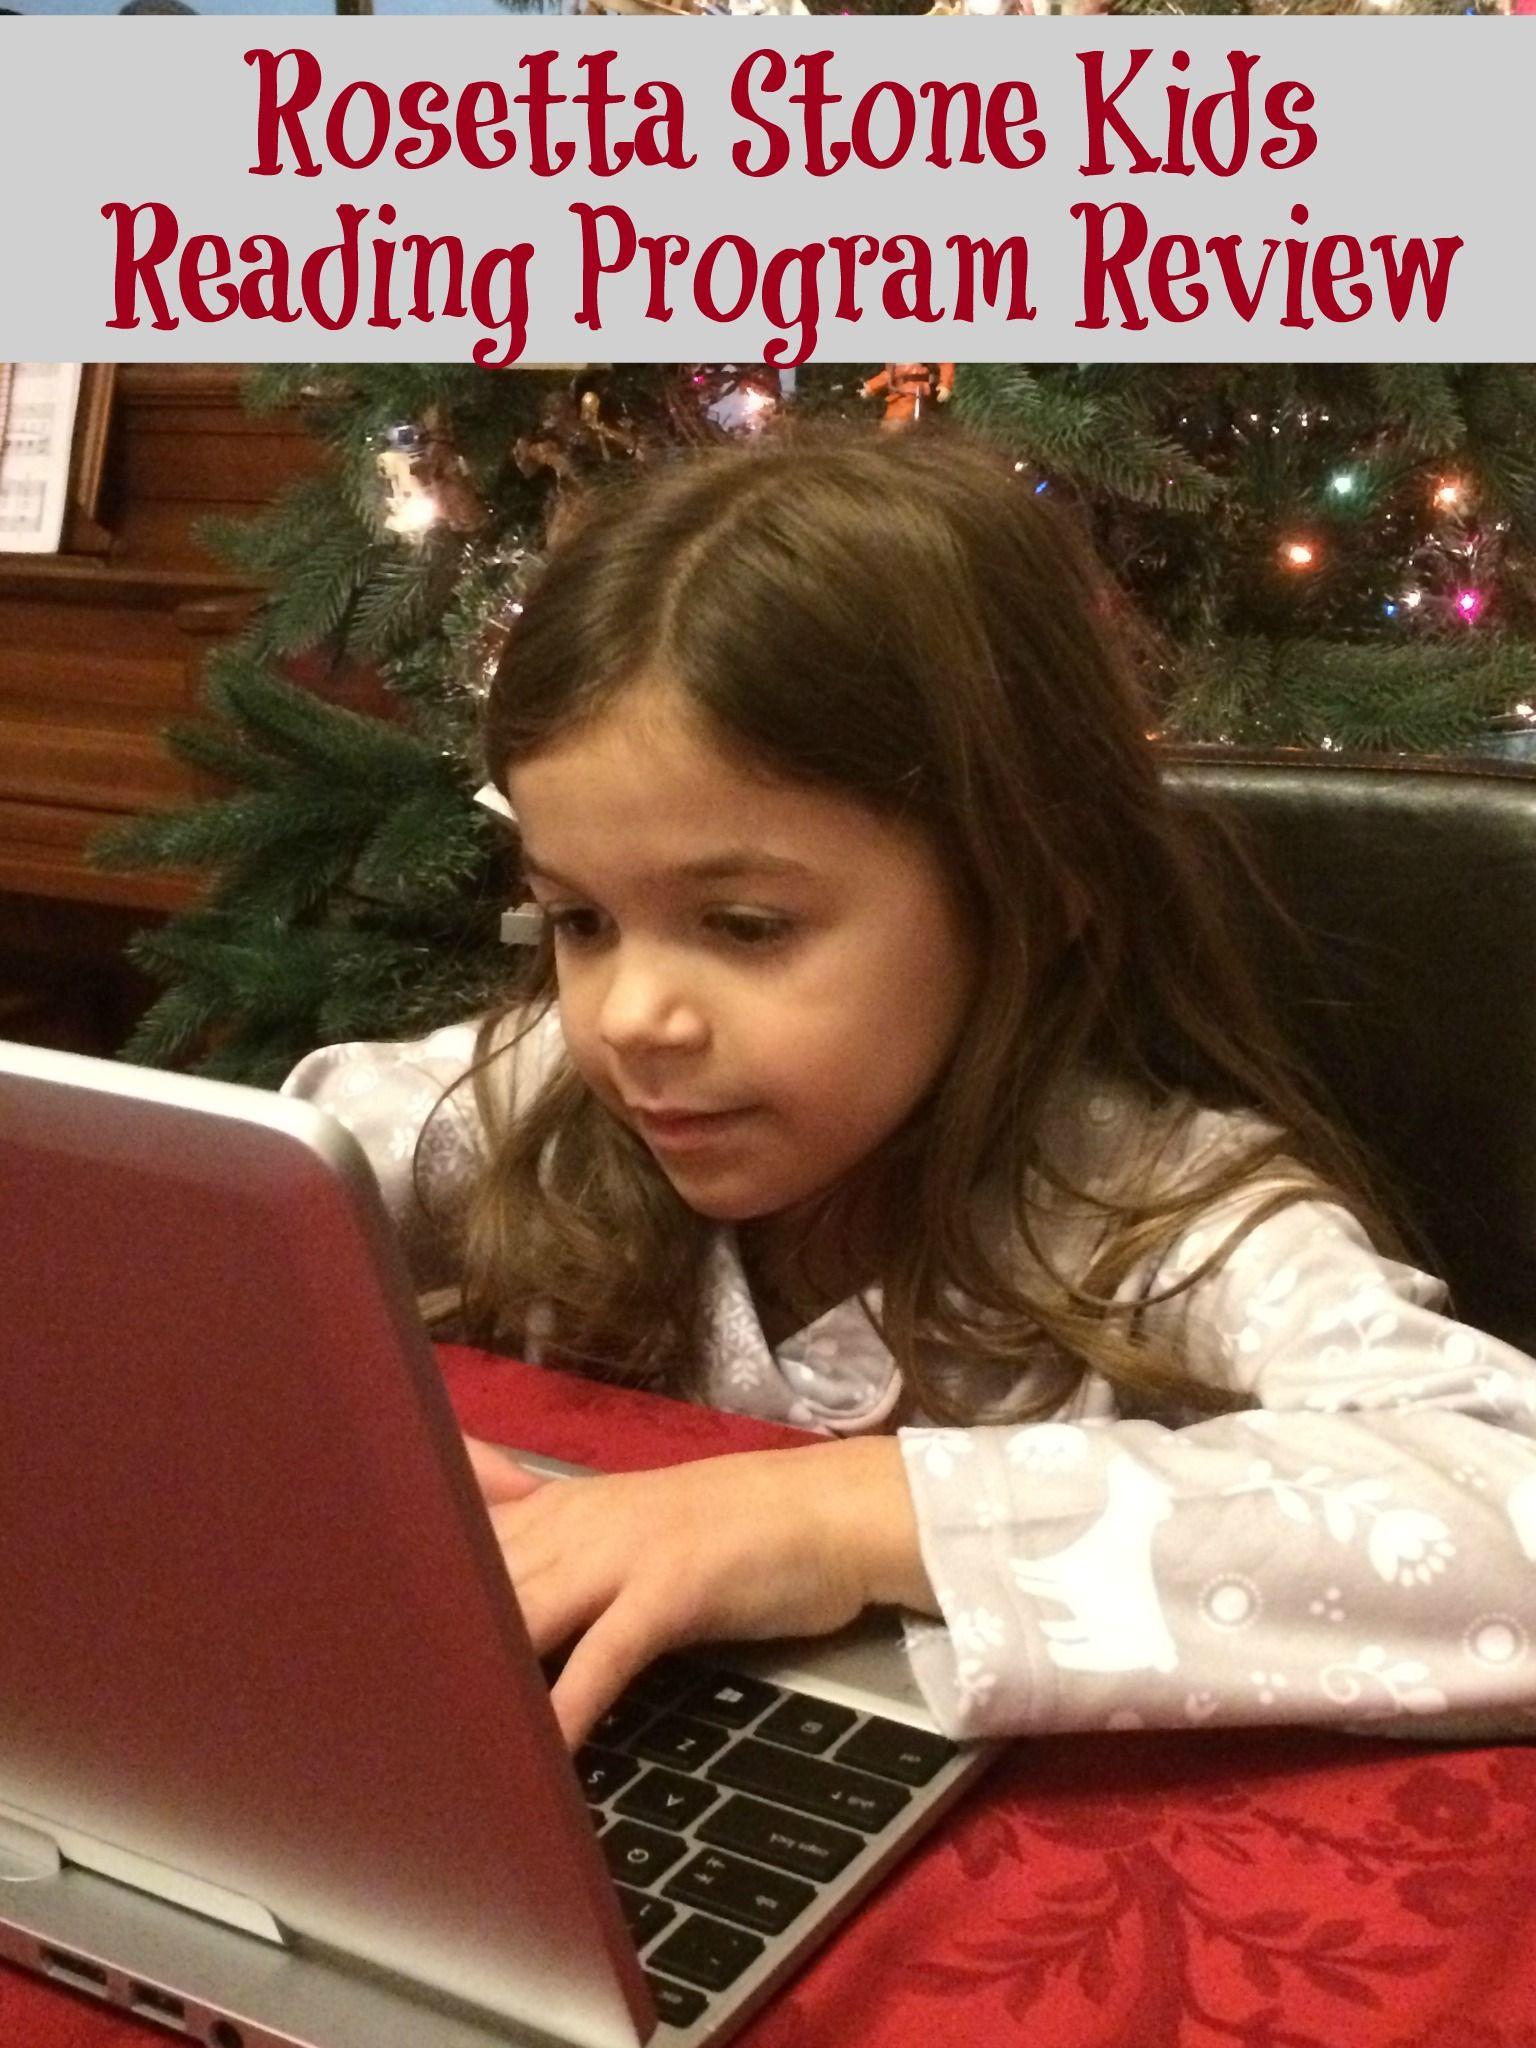 Rosetta Stone Kids Reading Program Review